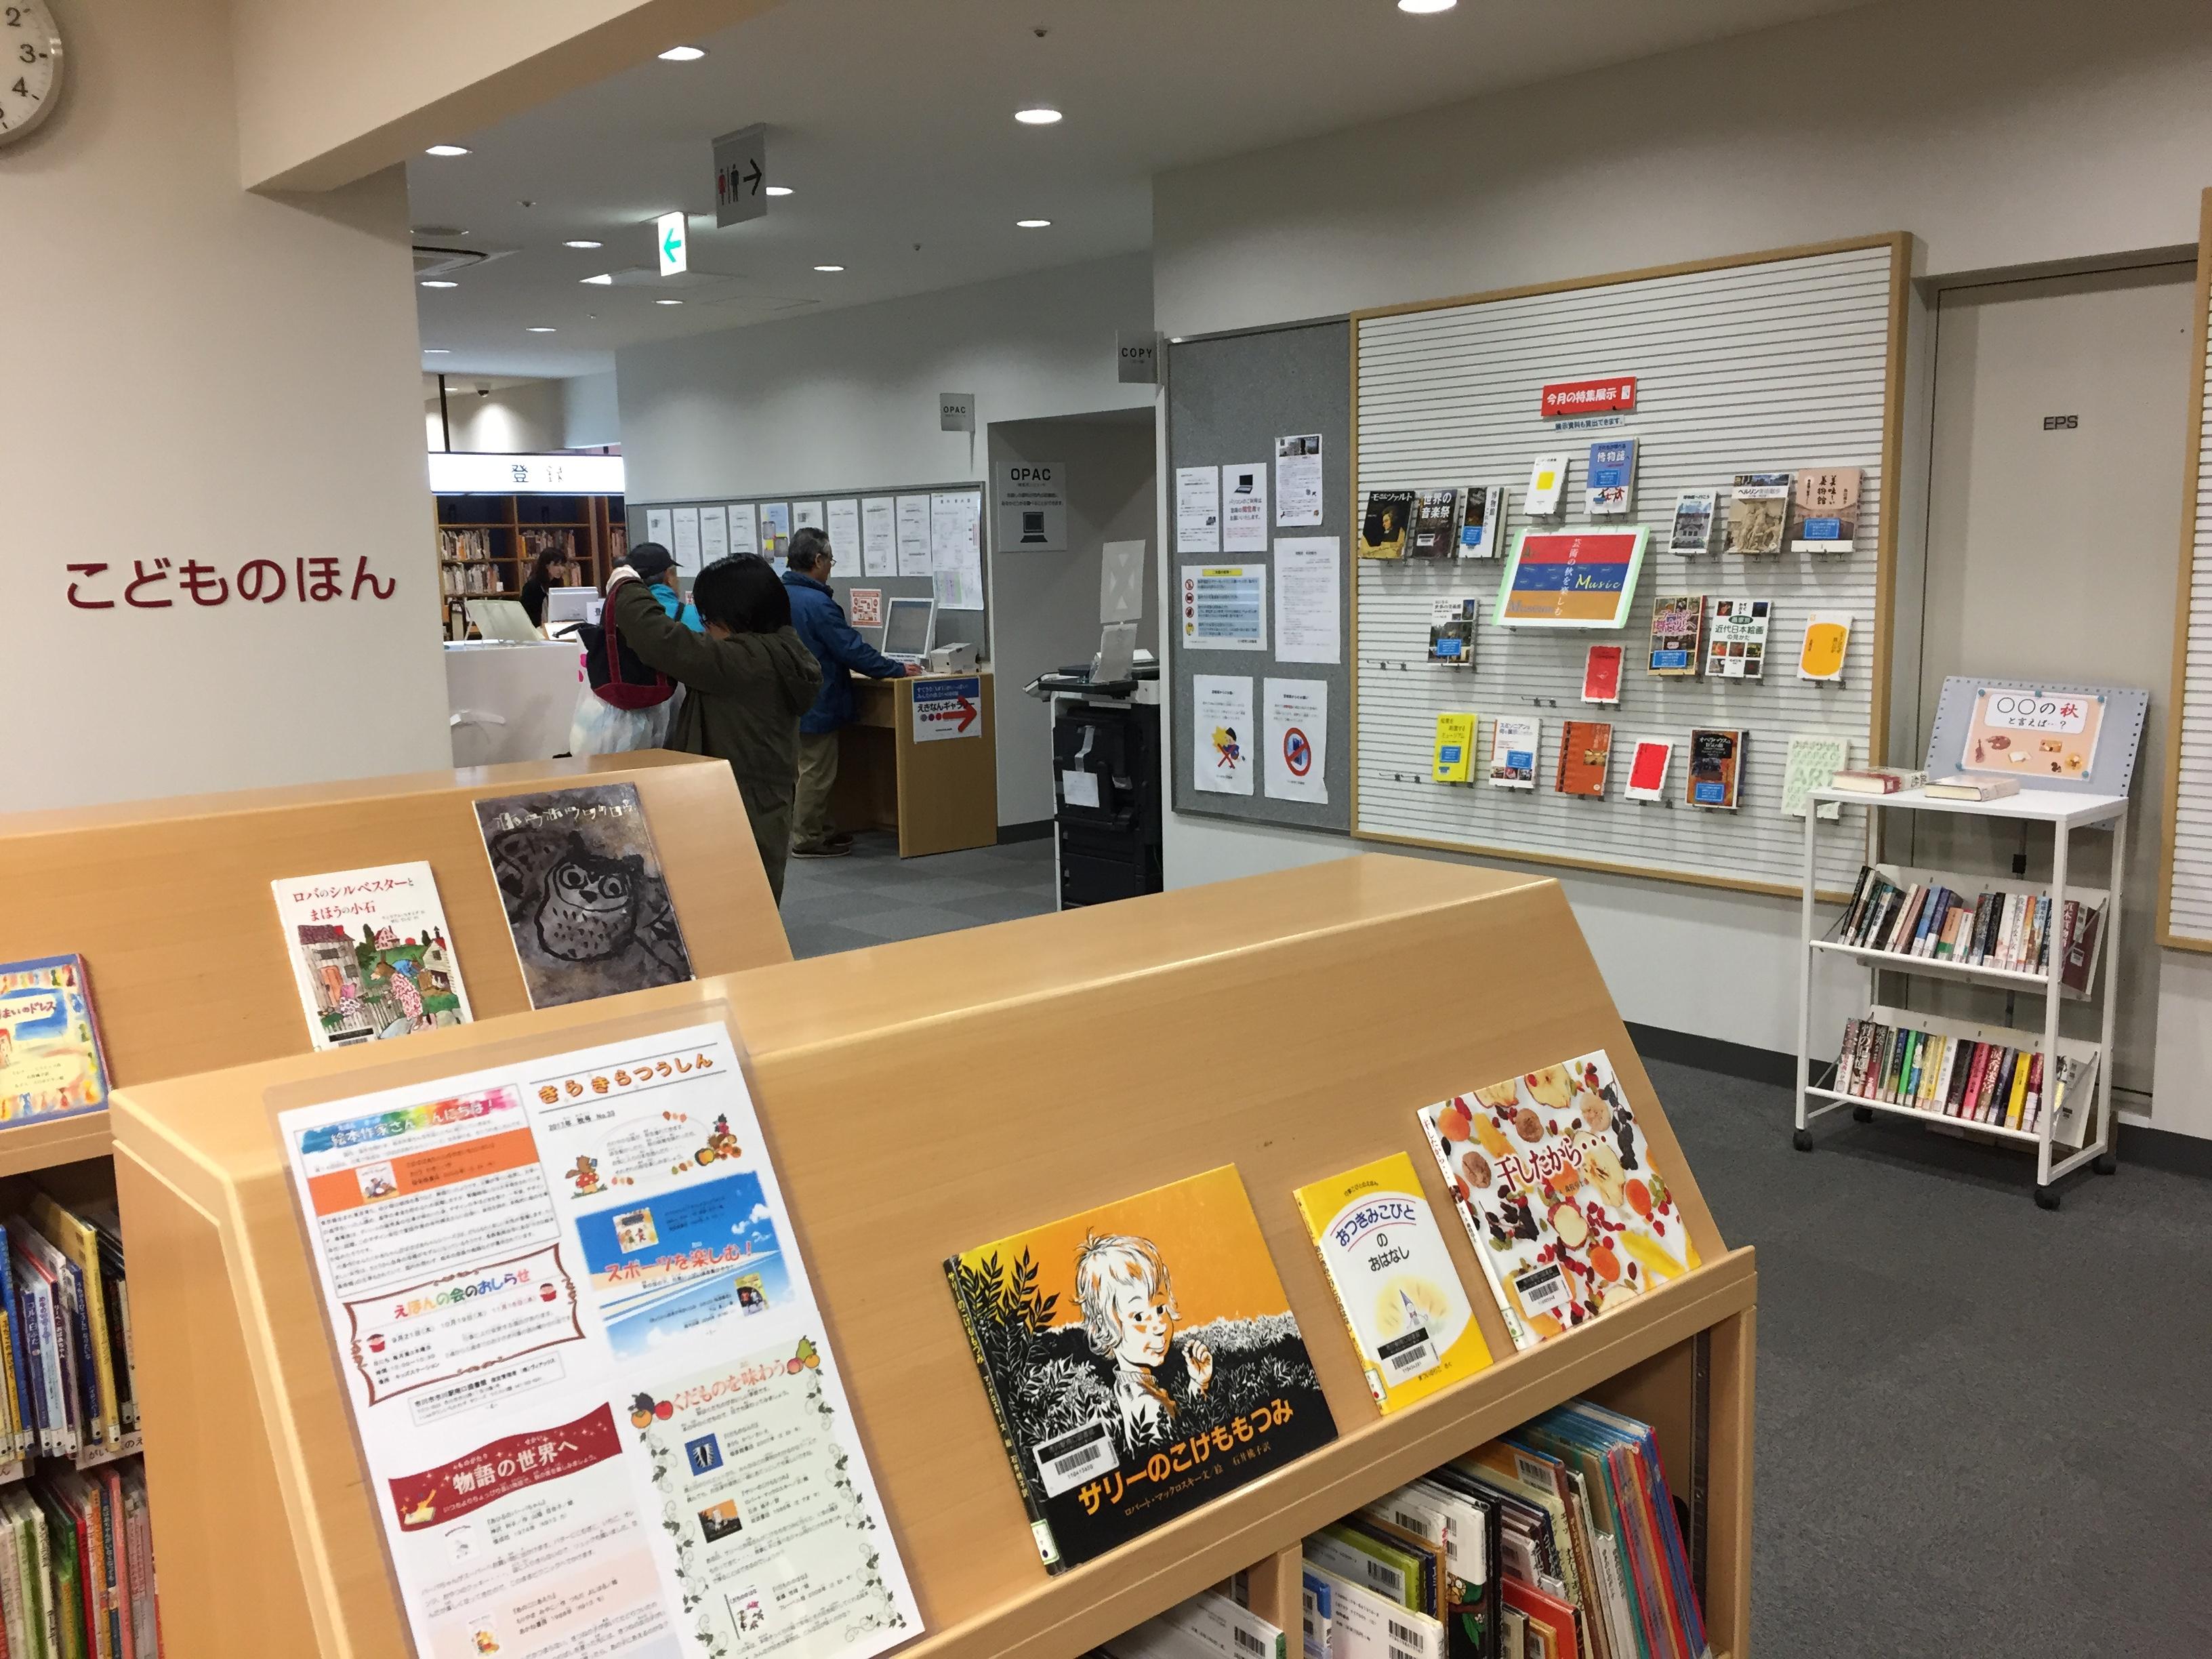 『市川駅南口図書館』は超綺麗!勉強はできる?